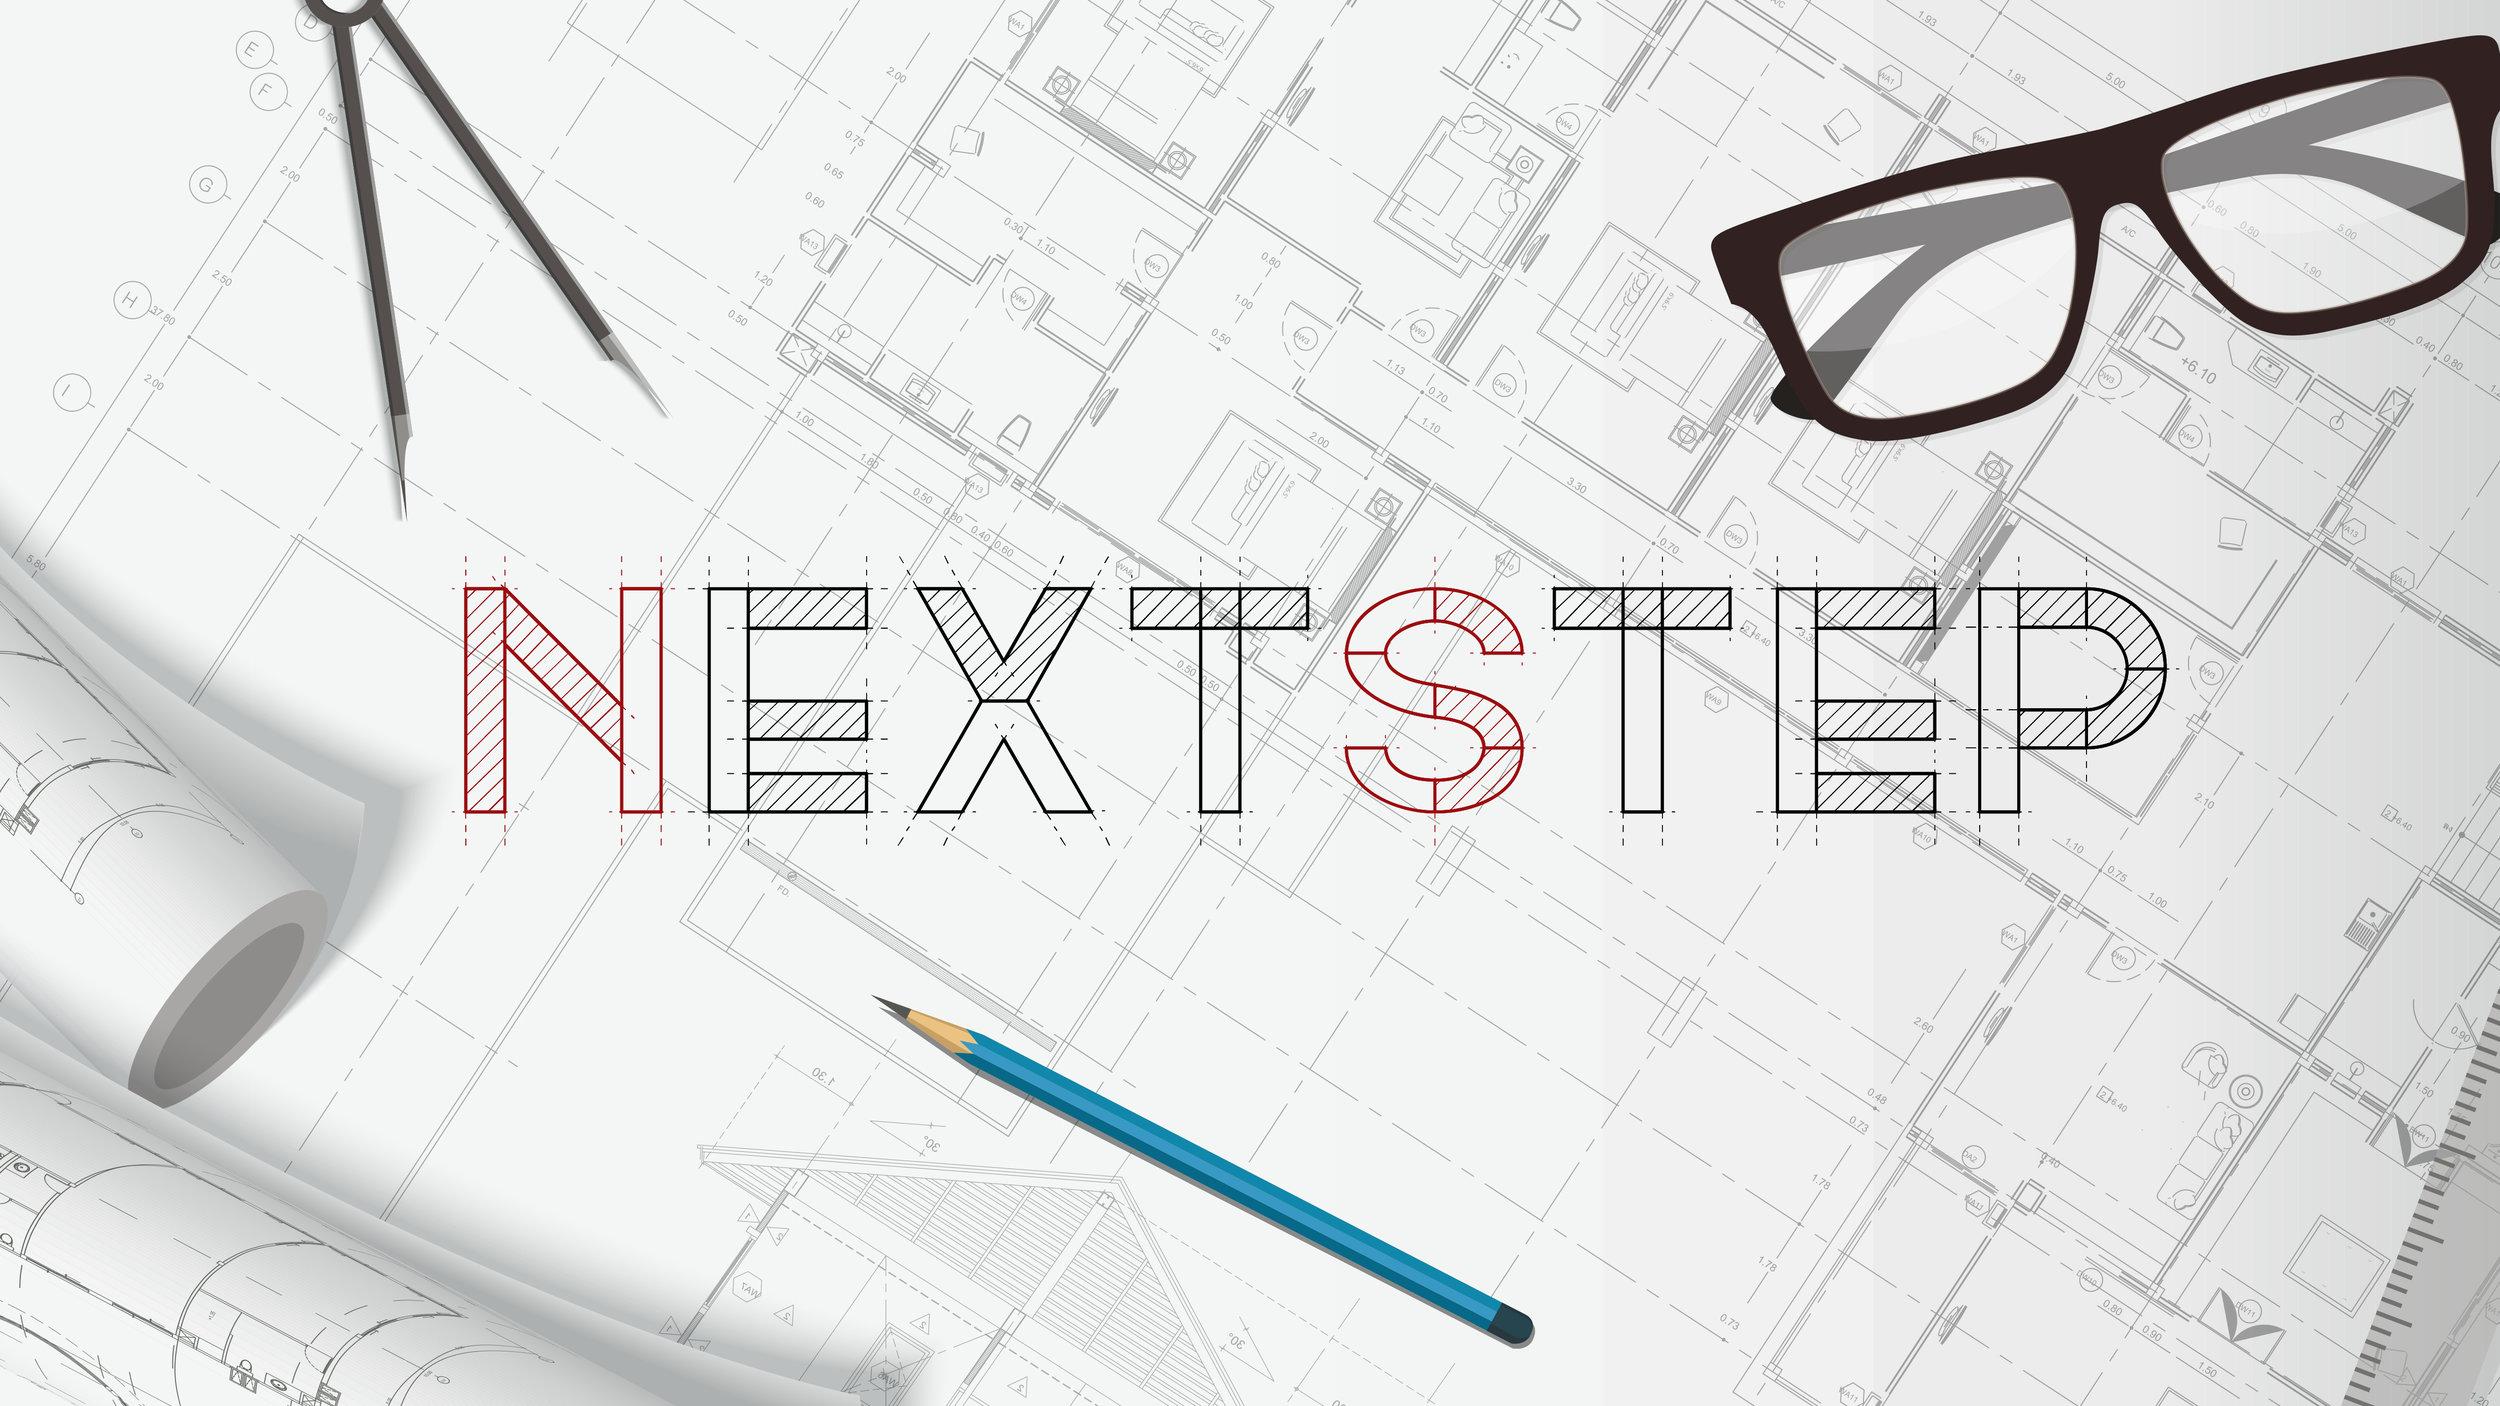 Next_Step_Screen.jpg